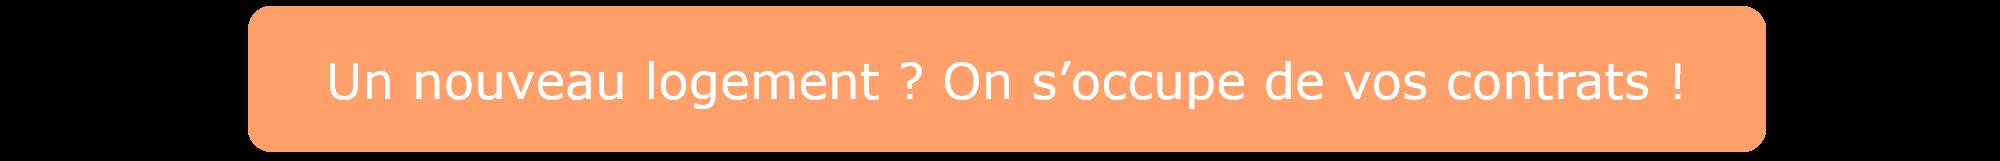 Souscrivez, résiliez en quelques clics avec origaMe